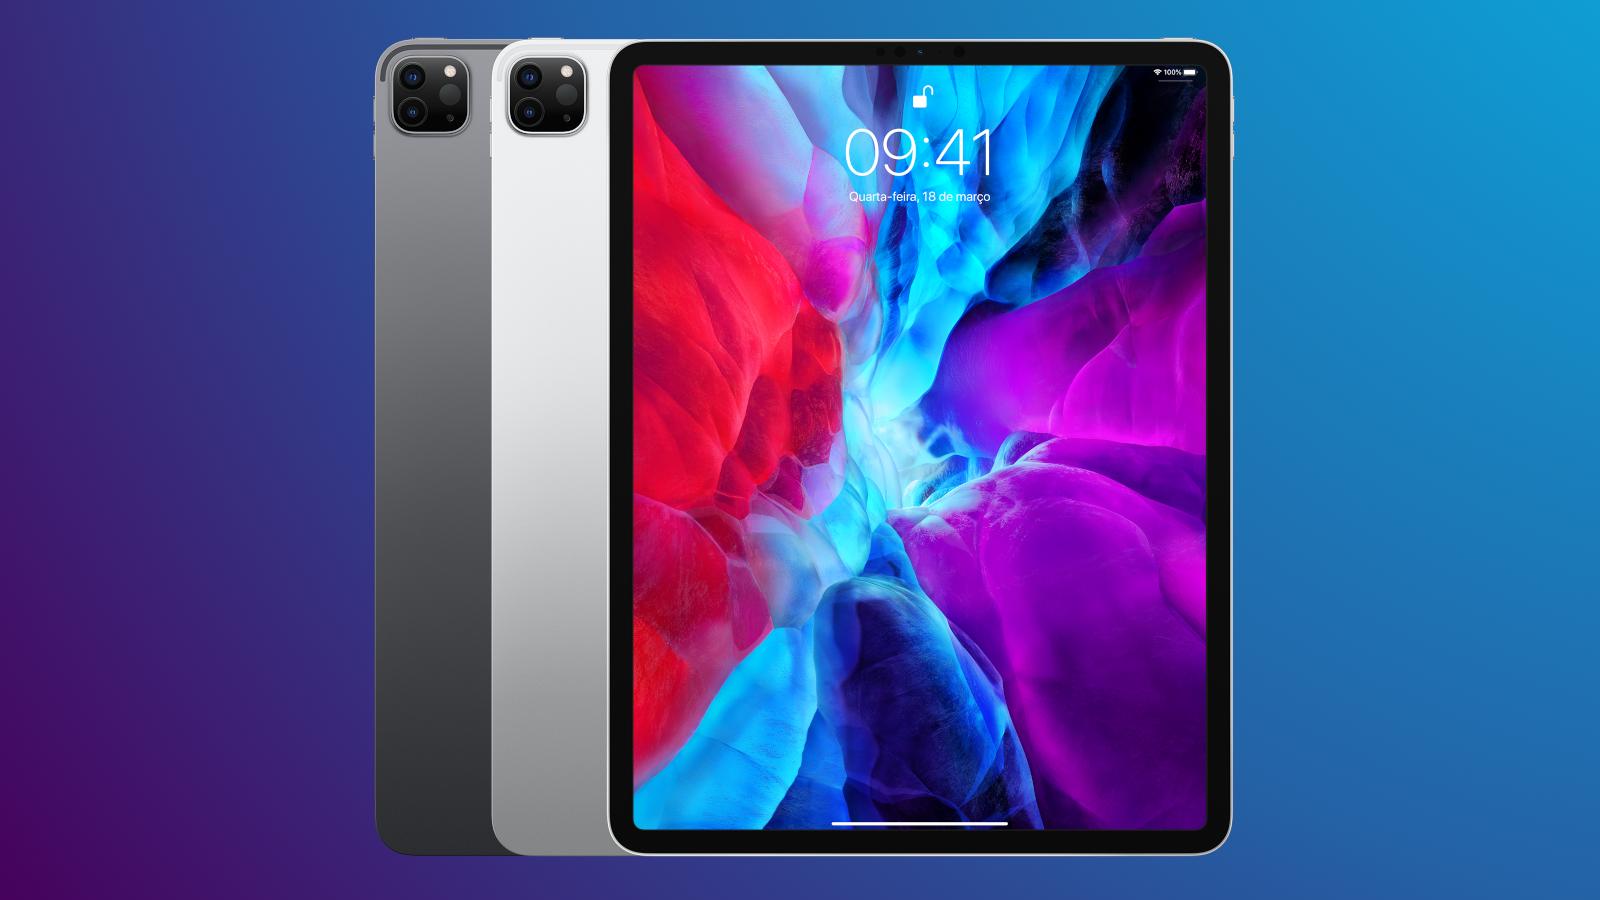 iPad Pro 2020 mula dijual di Brazil, dengan peningkatan yang bertujuan untuk produktiviti